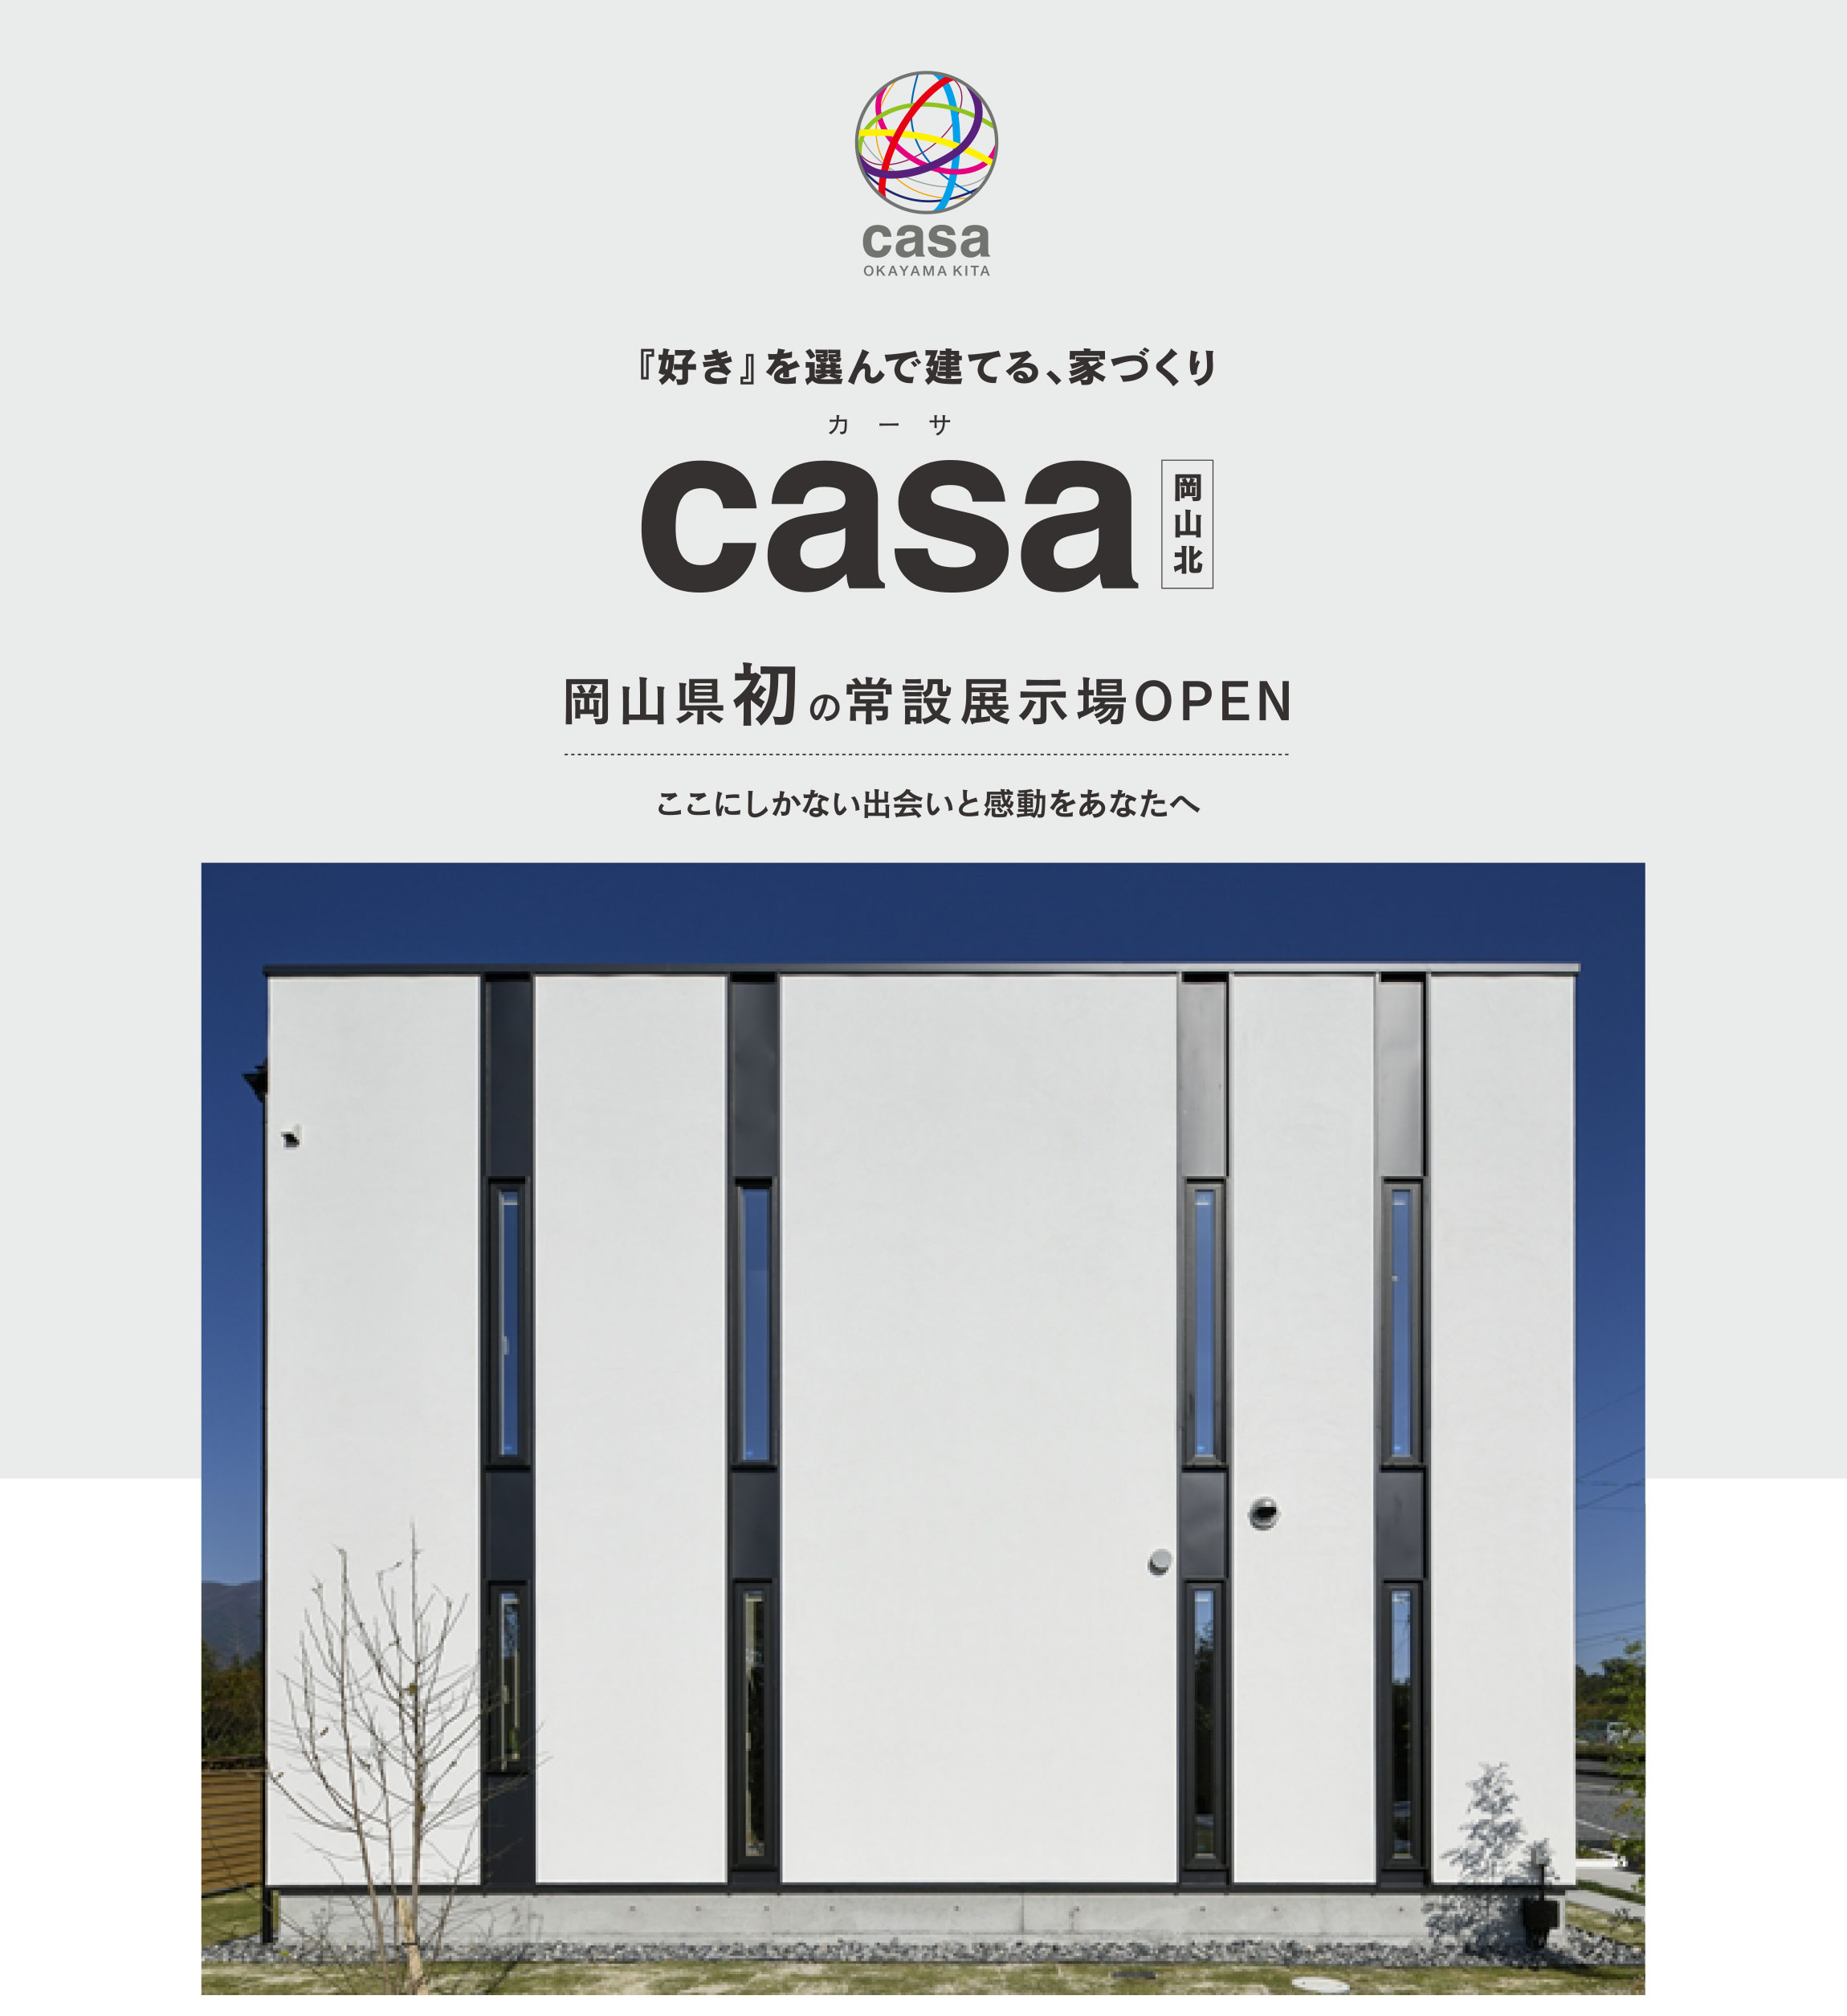 岡山県発のcasa常設展示場